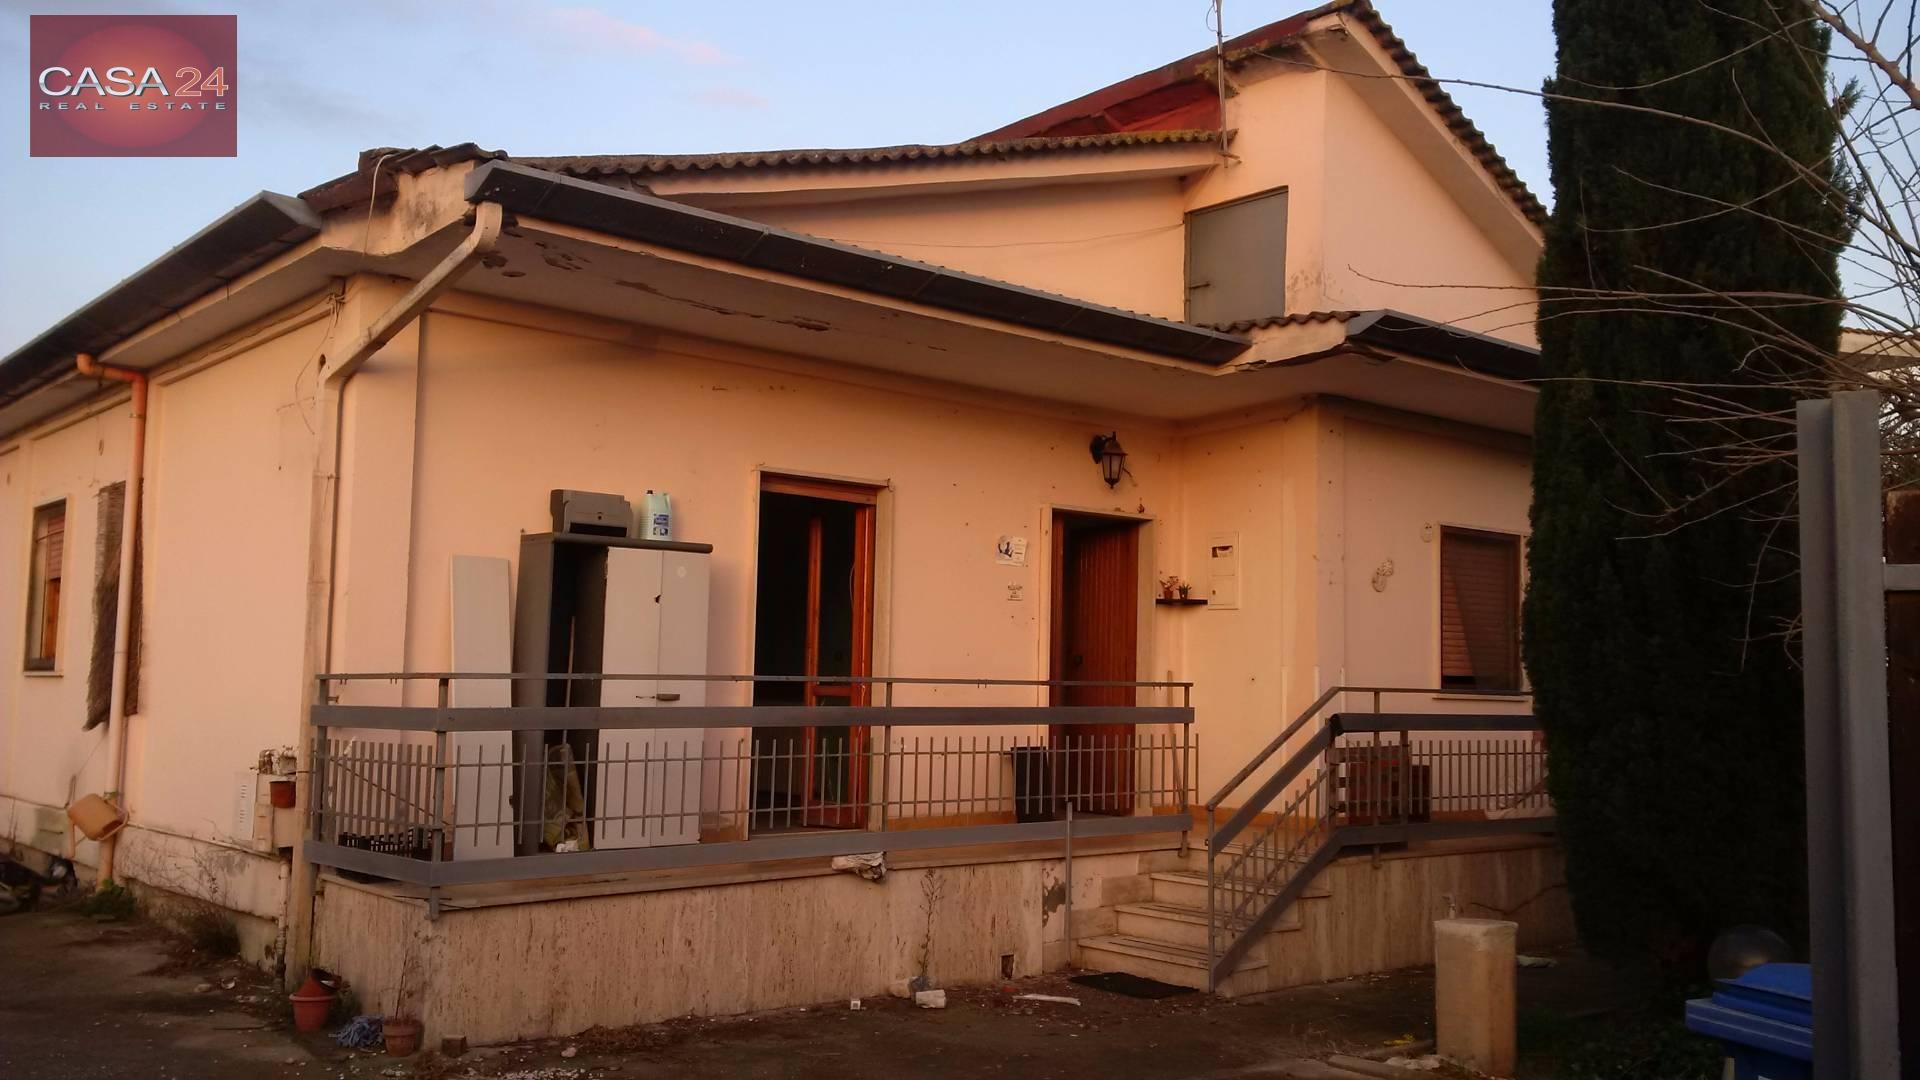 Soluzione Indipendente in vendita a Latina, 5 locali, zona Località: R11ZonaPantanaccio, prezzo € 230.000   Cambio Casa.it